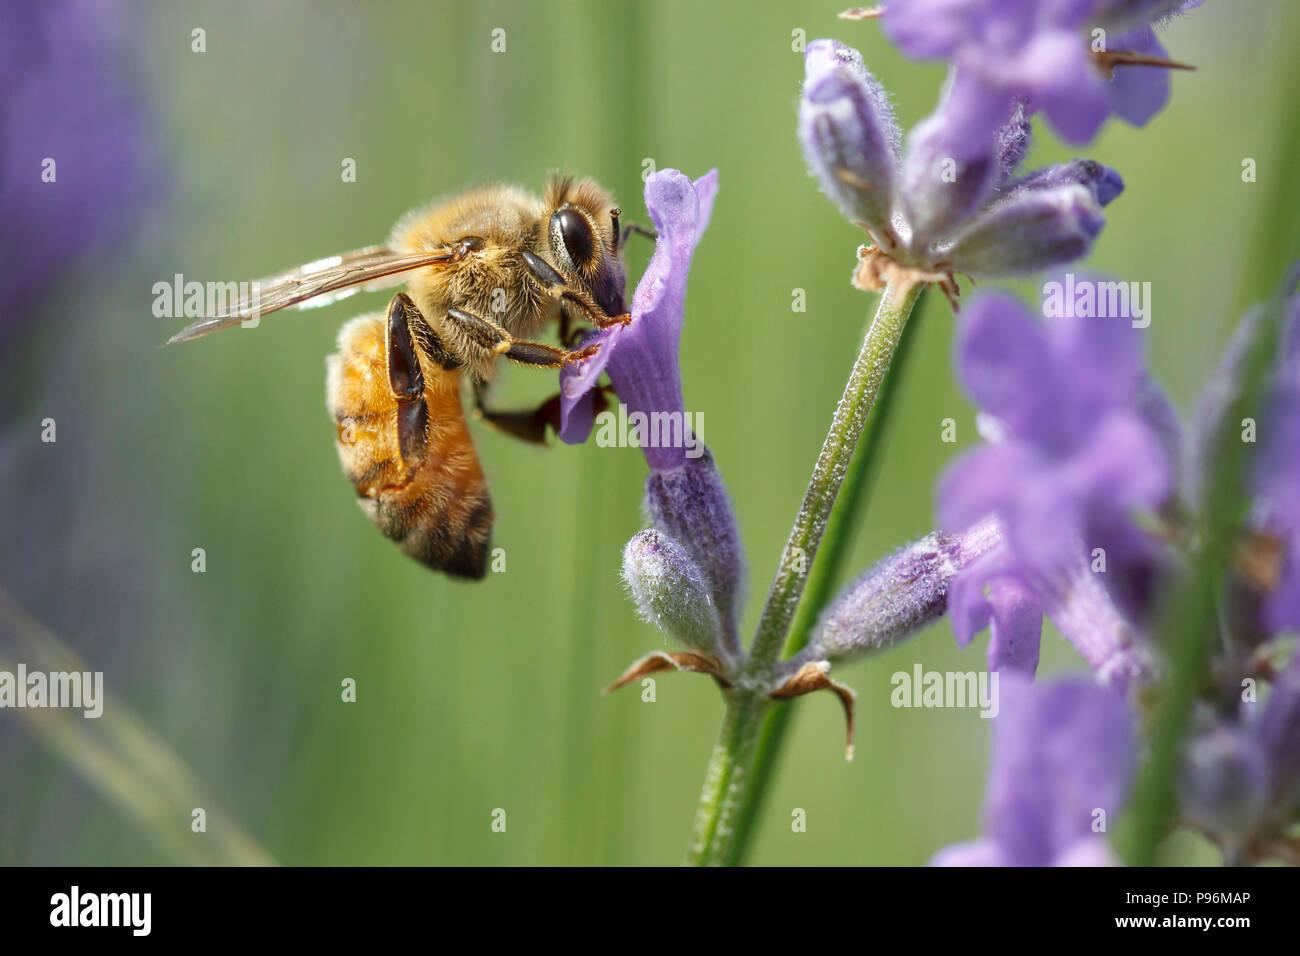 De cerca una abeja de miel, Apis, sobre una planta de lavanda, Lavándula spica. Imagen De Stock